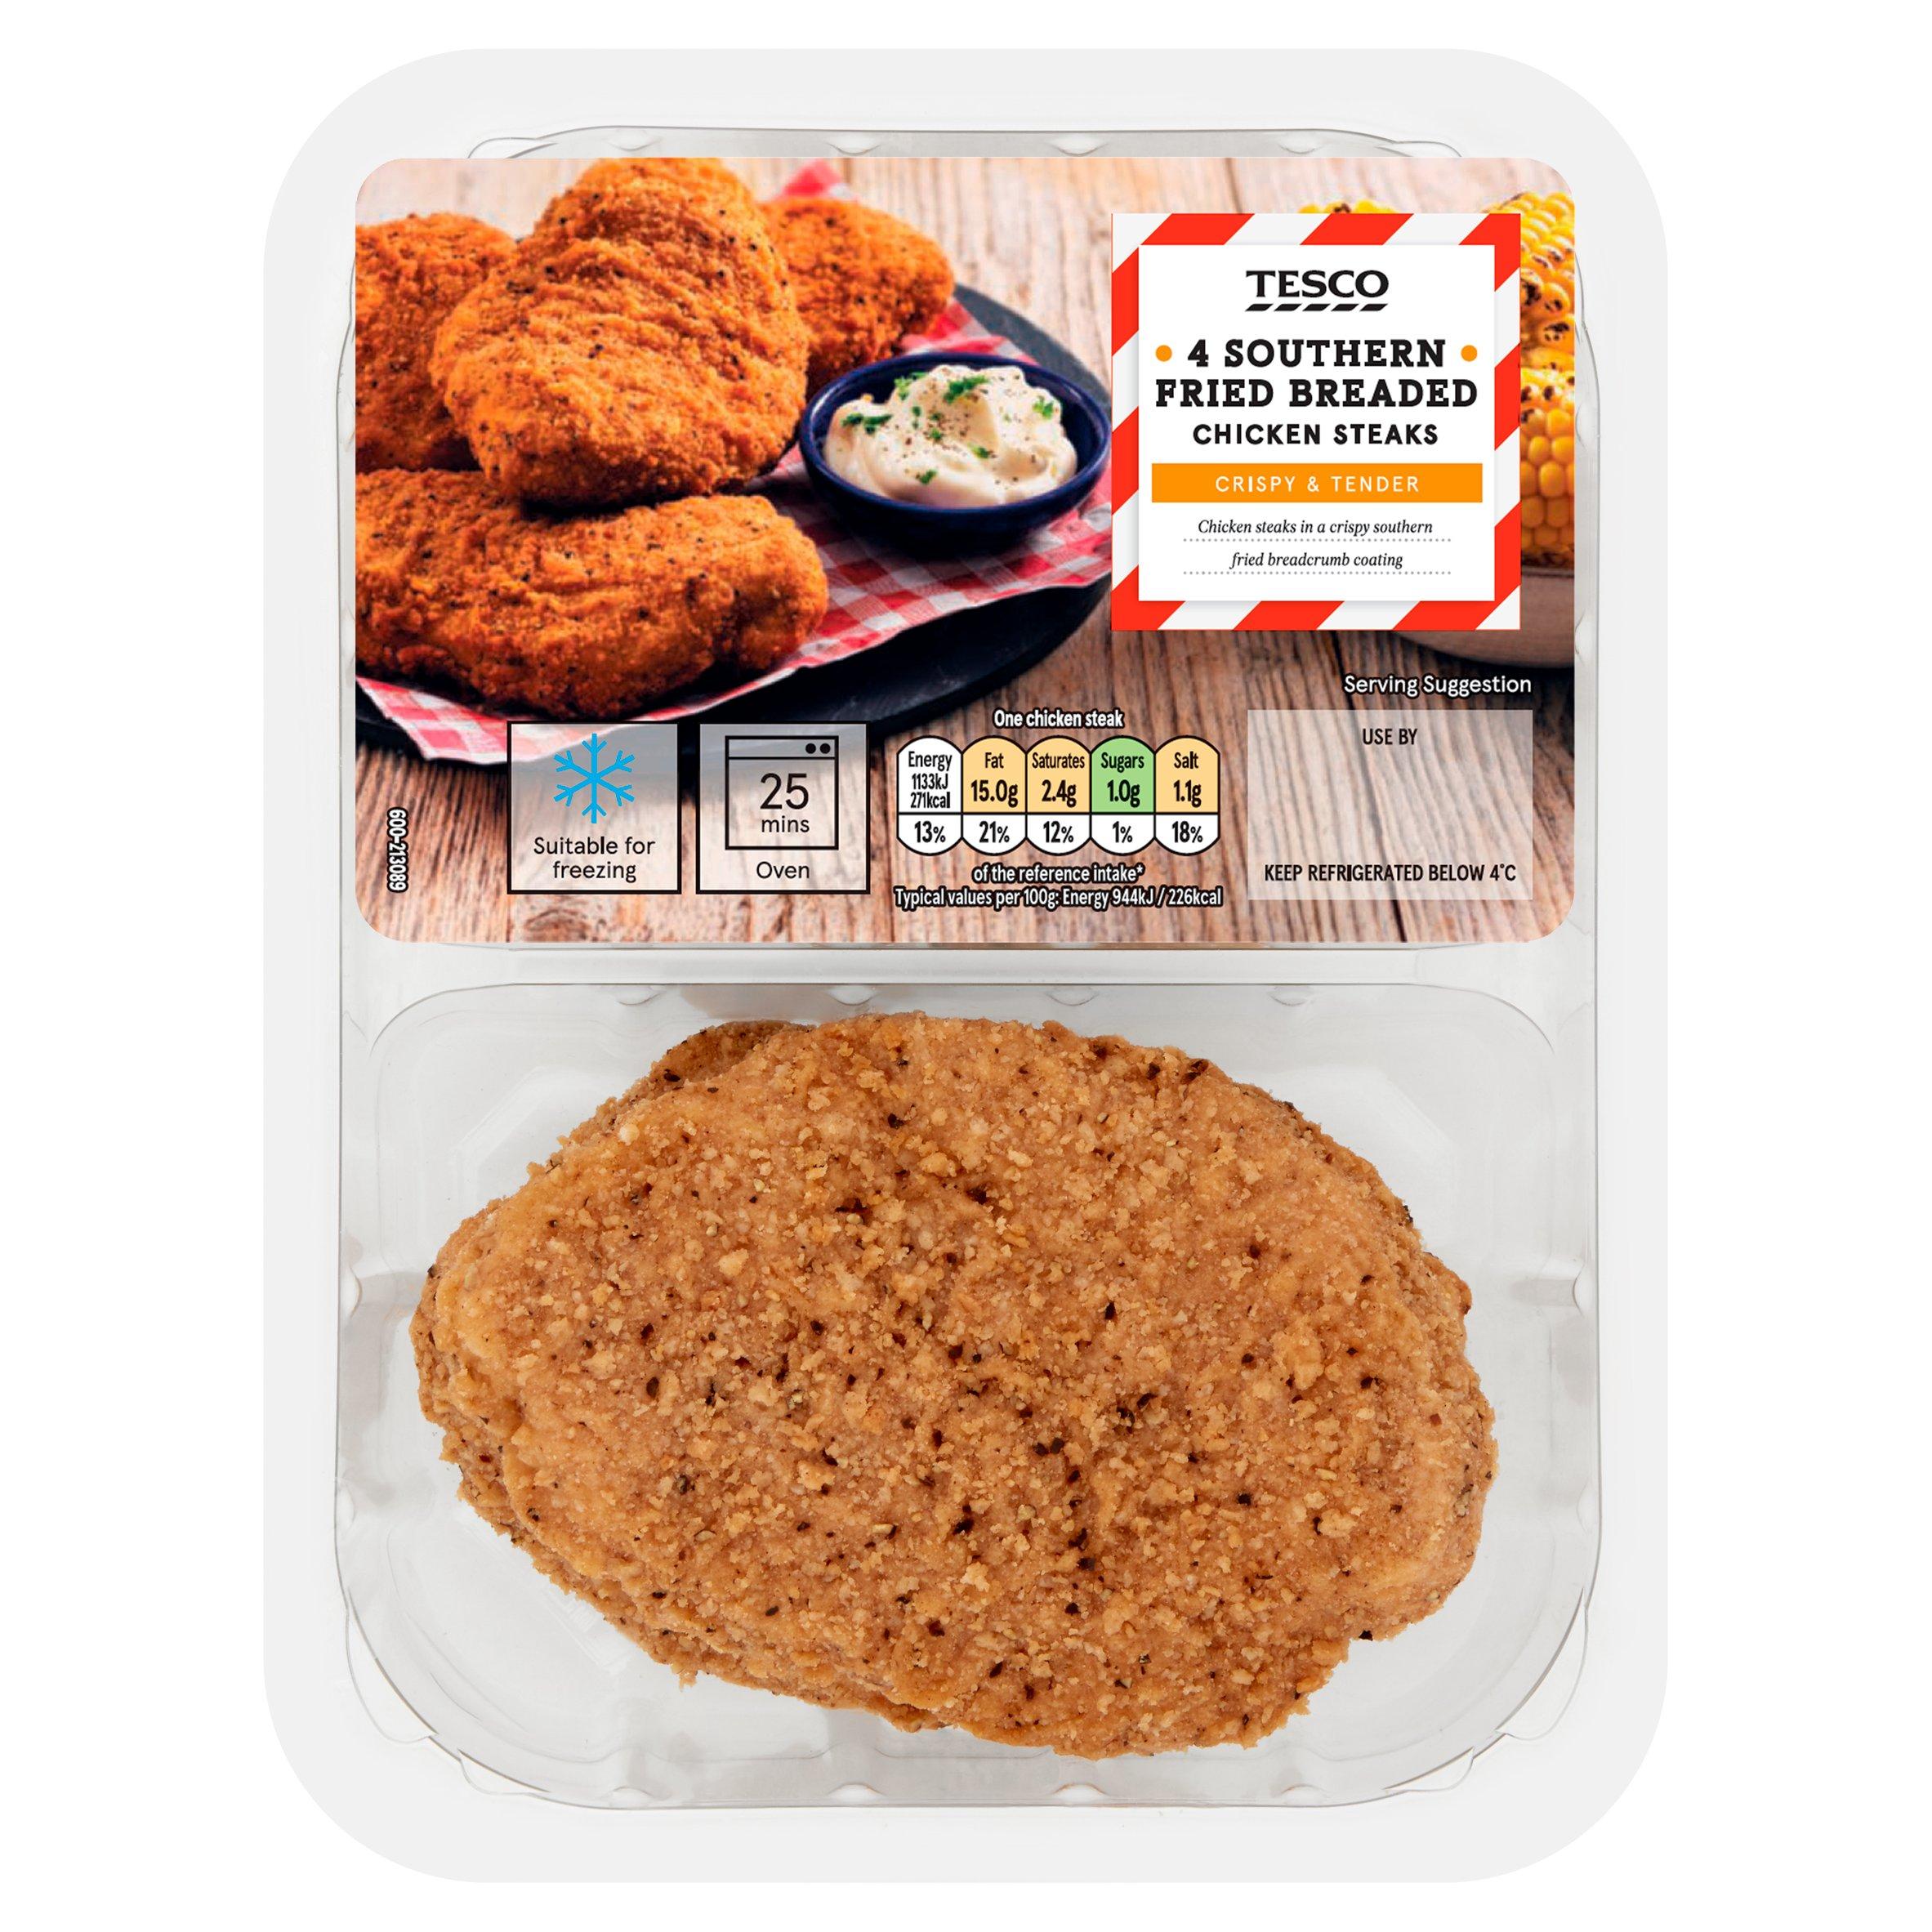 Tesco 4 Southern Fried Breaded Chicken Steaks 505G